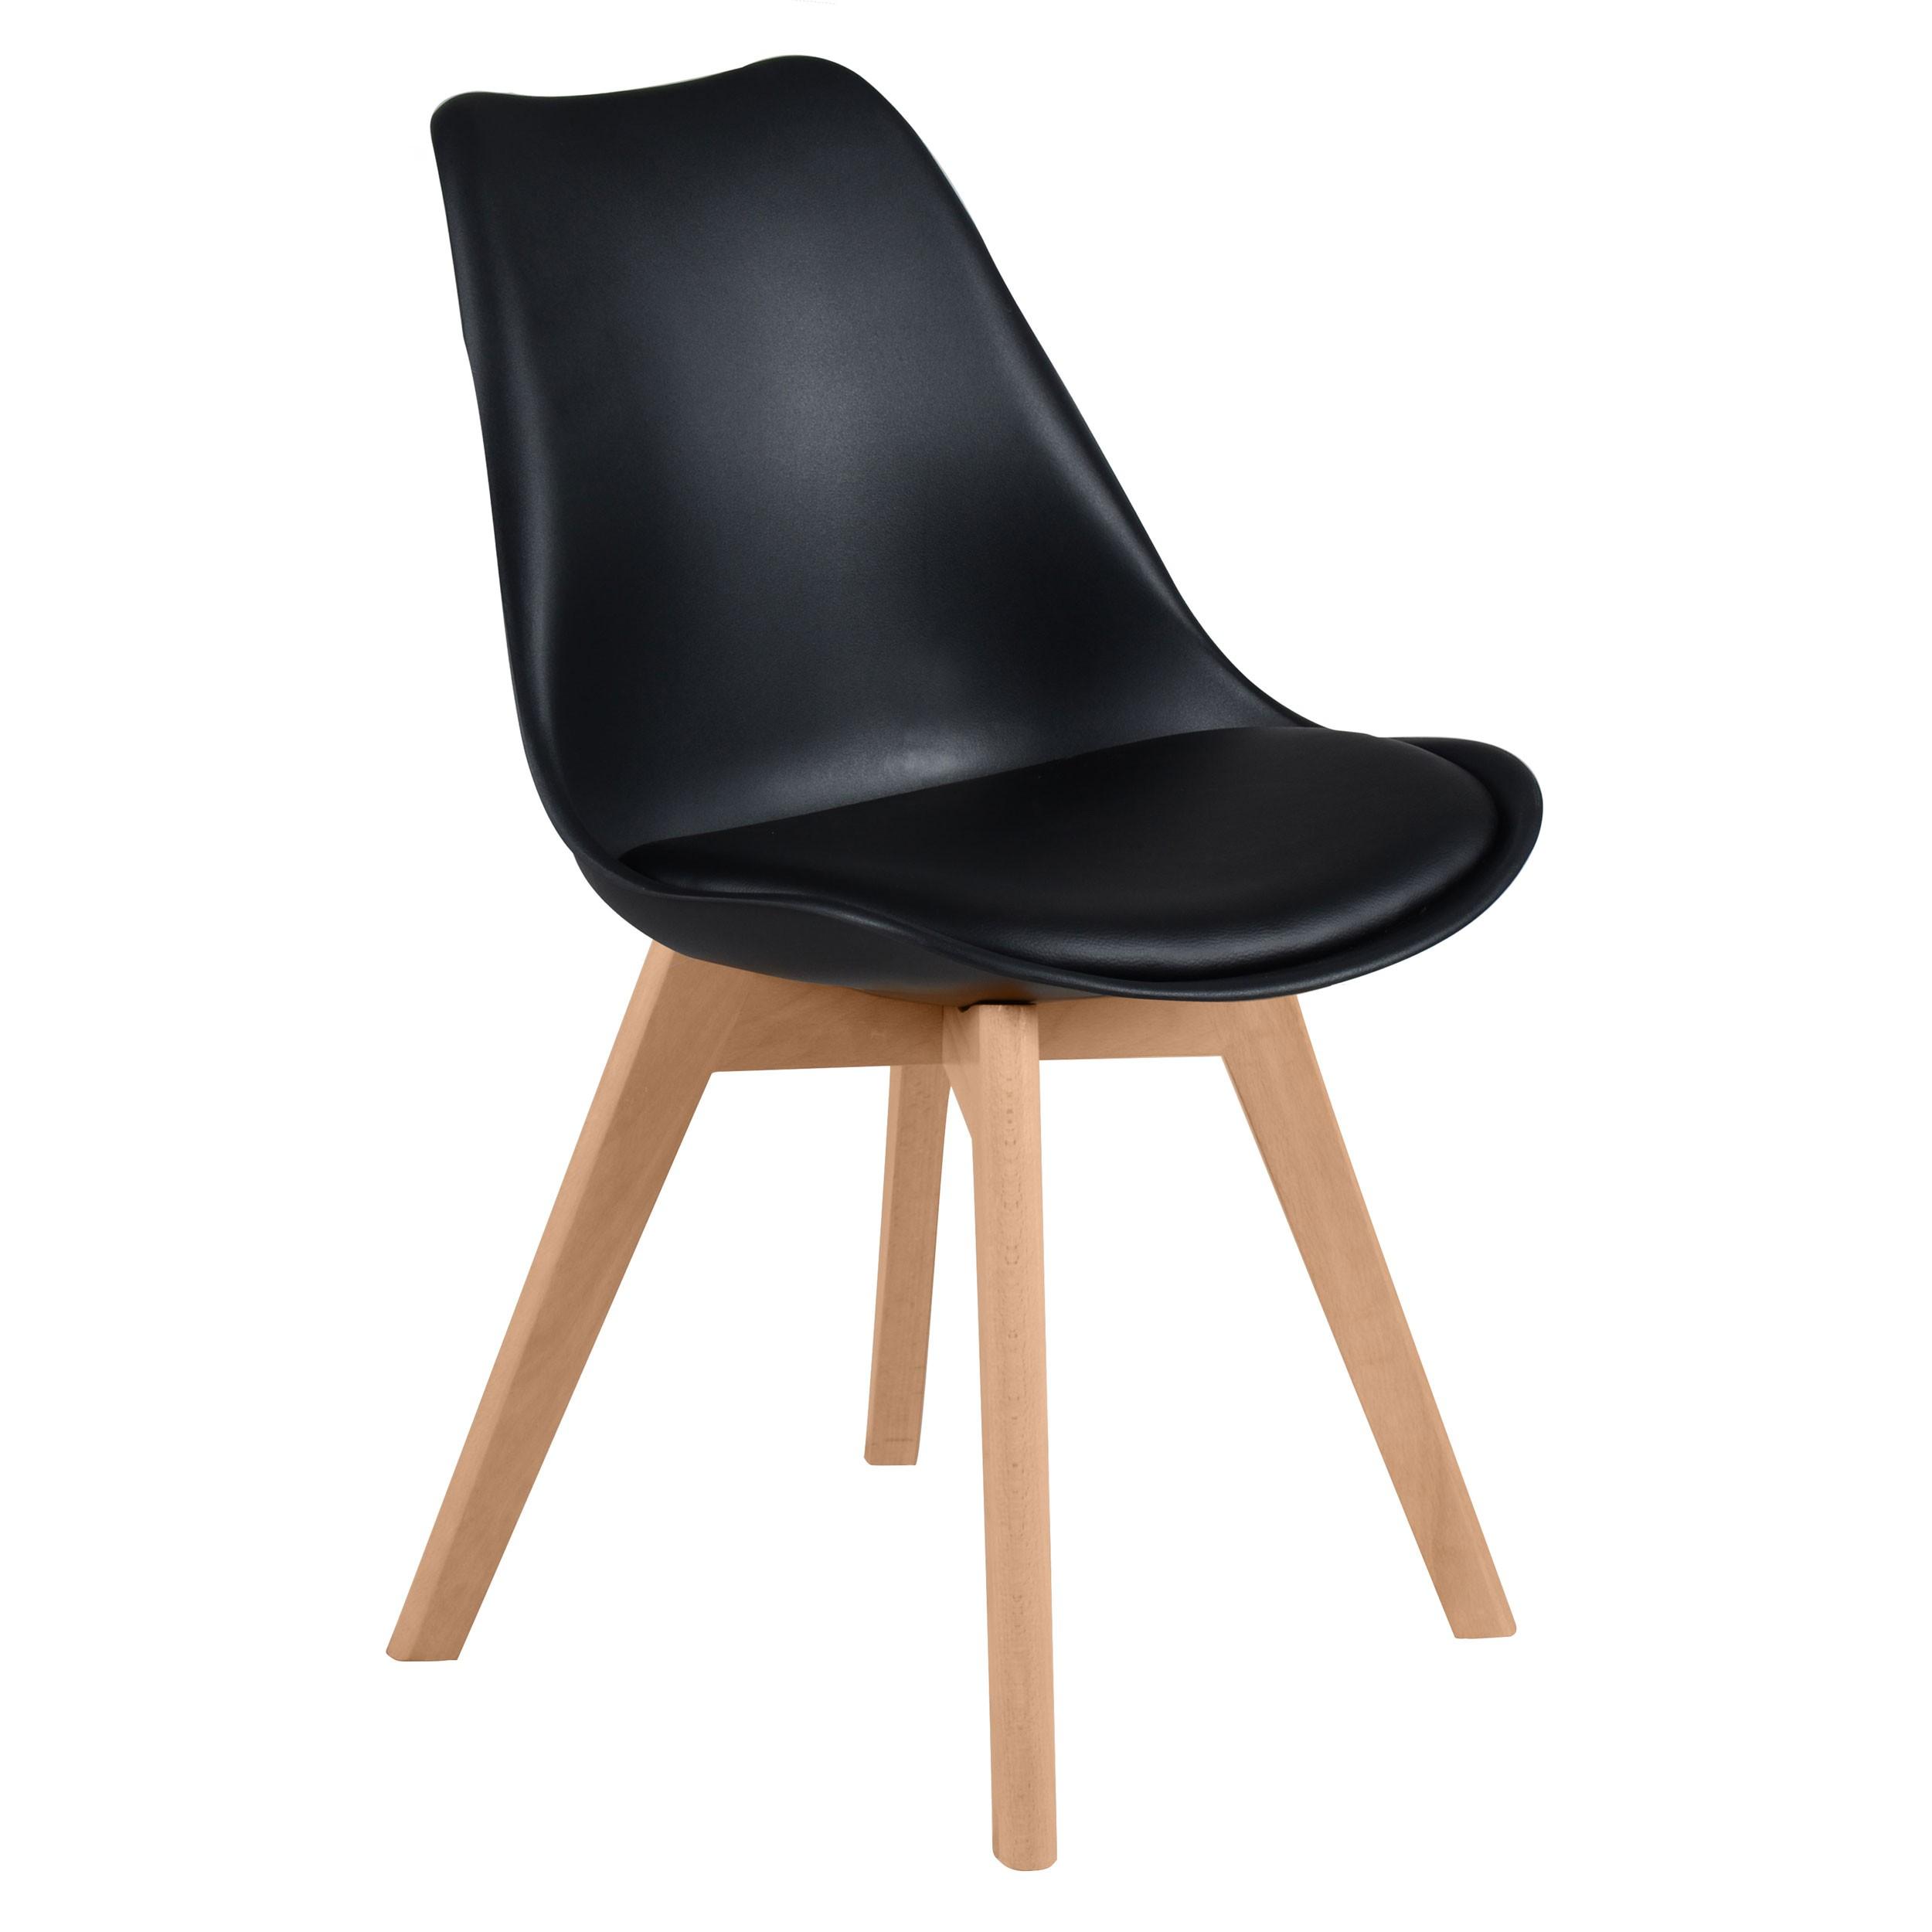 Chaise skandi noire lot de 2 achetez nos chaises - Lot de chaises noires ...